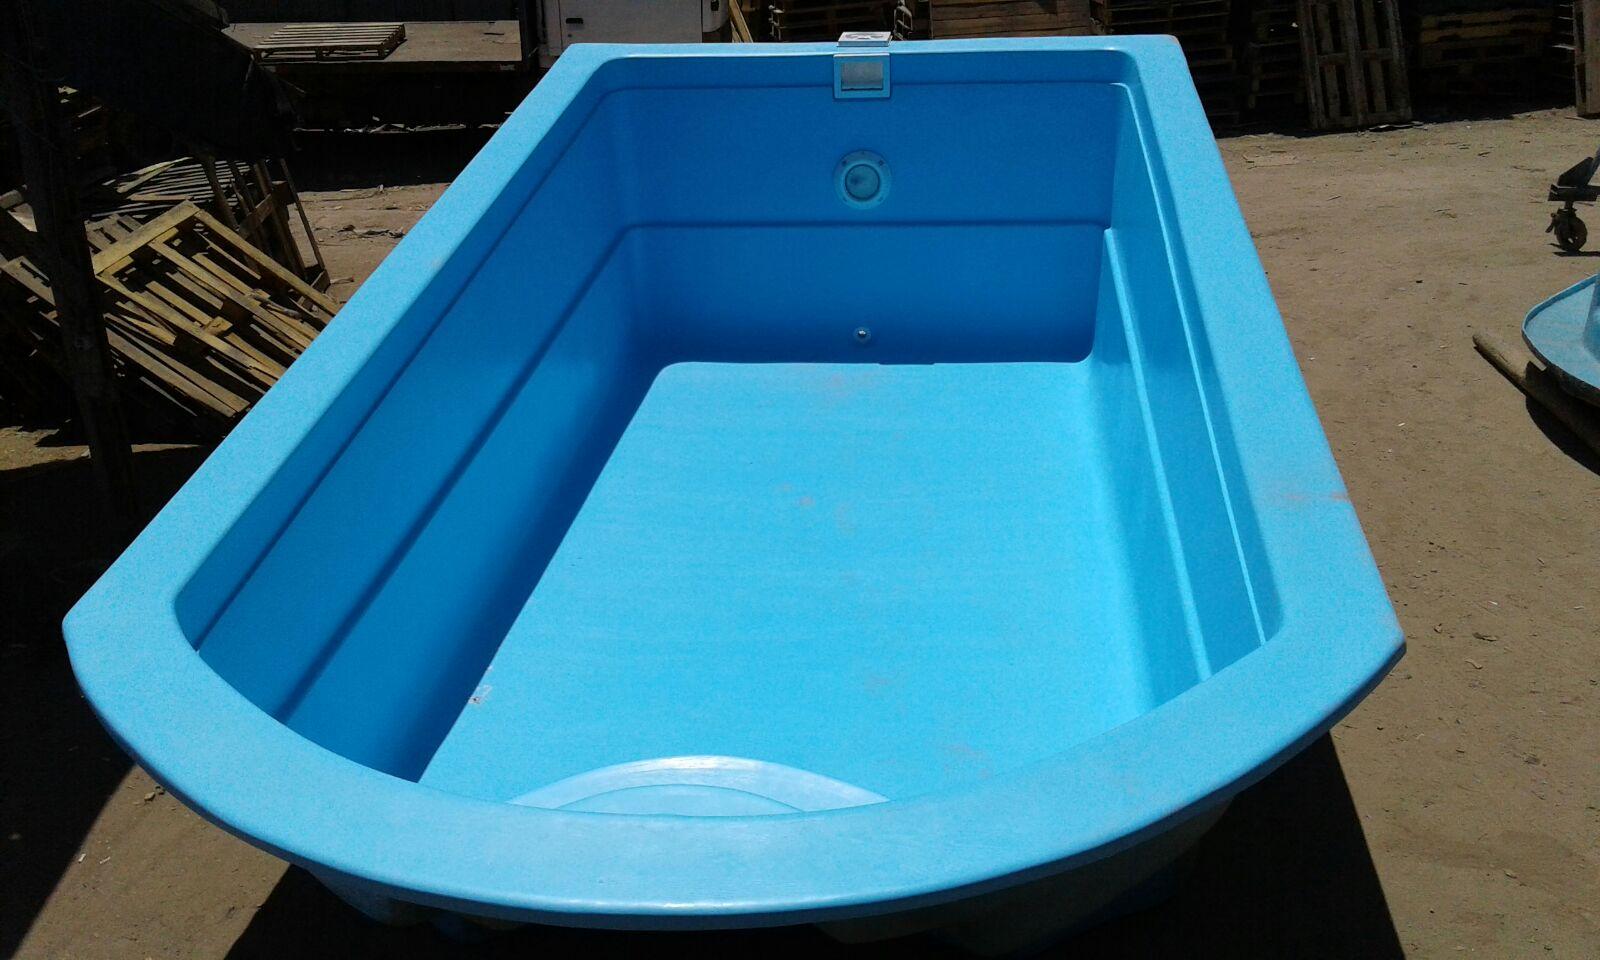 Piscina de fibra de vidrio modelo rectangular 6 3 for Modelos de piscinas en chile